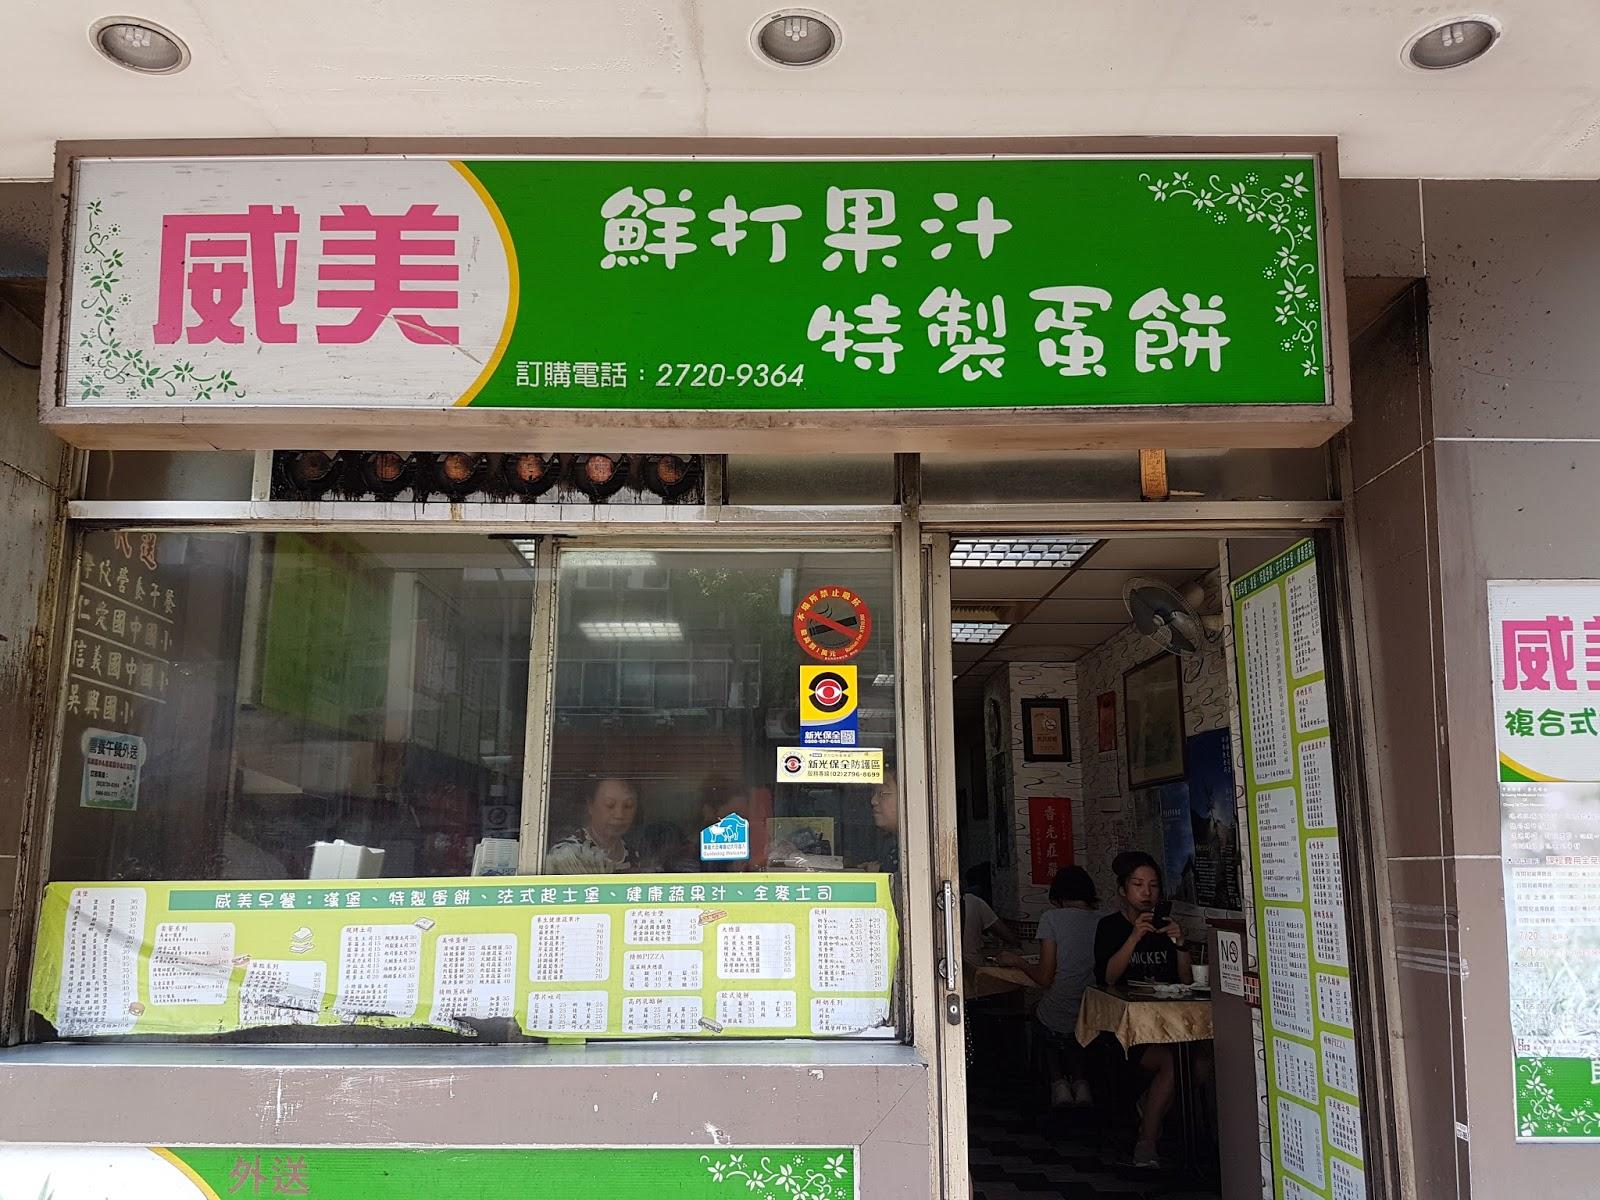 蚩尤七世: 臺北市信義區─威美早餐店